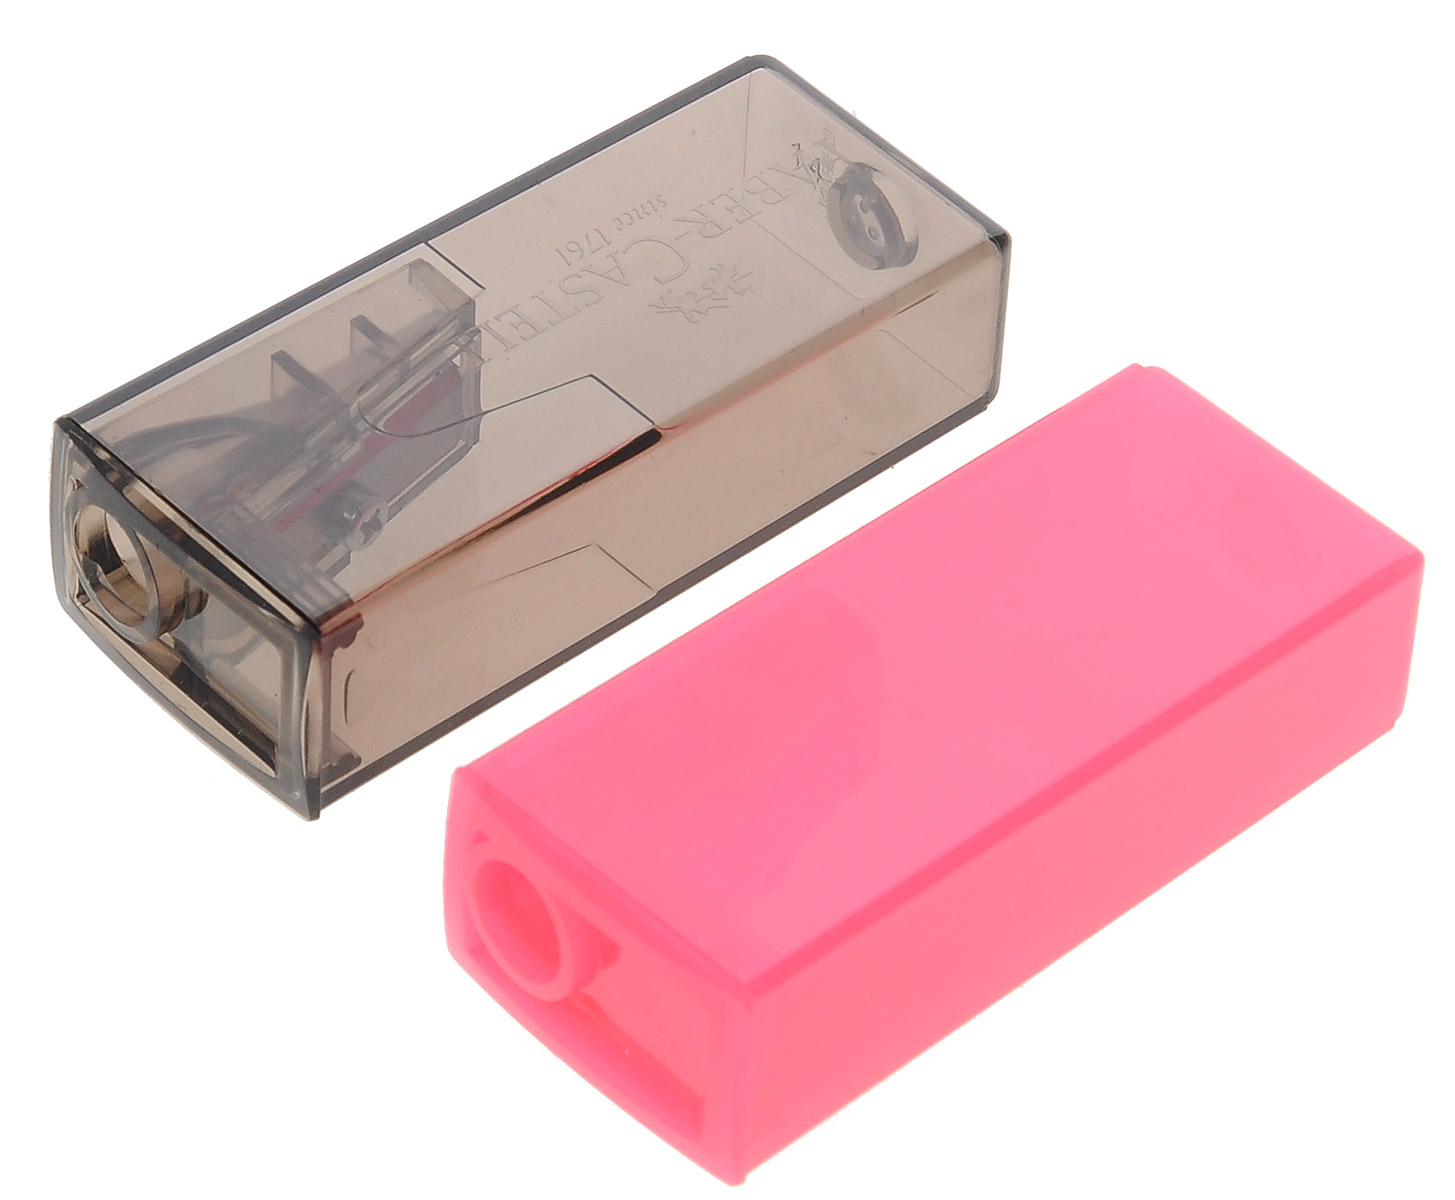 Faber-Castell Точилка флуоресцентная цвет розовый серый 2 штFS-36054Точилки Faber-Castell предназначены для затачивания карандашей диаметром 8 мм. Полупрозрачные контейнеры позволяют визуально определить уровень заполнения и вовремя произвести очистку. Острые стальные лезвия обеспечивают высококачественную и точную заточку деревянных карандашей. В комплекте две точилки разных цветов.